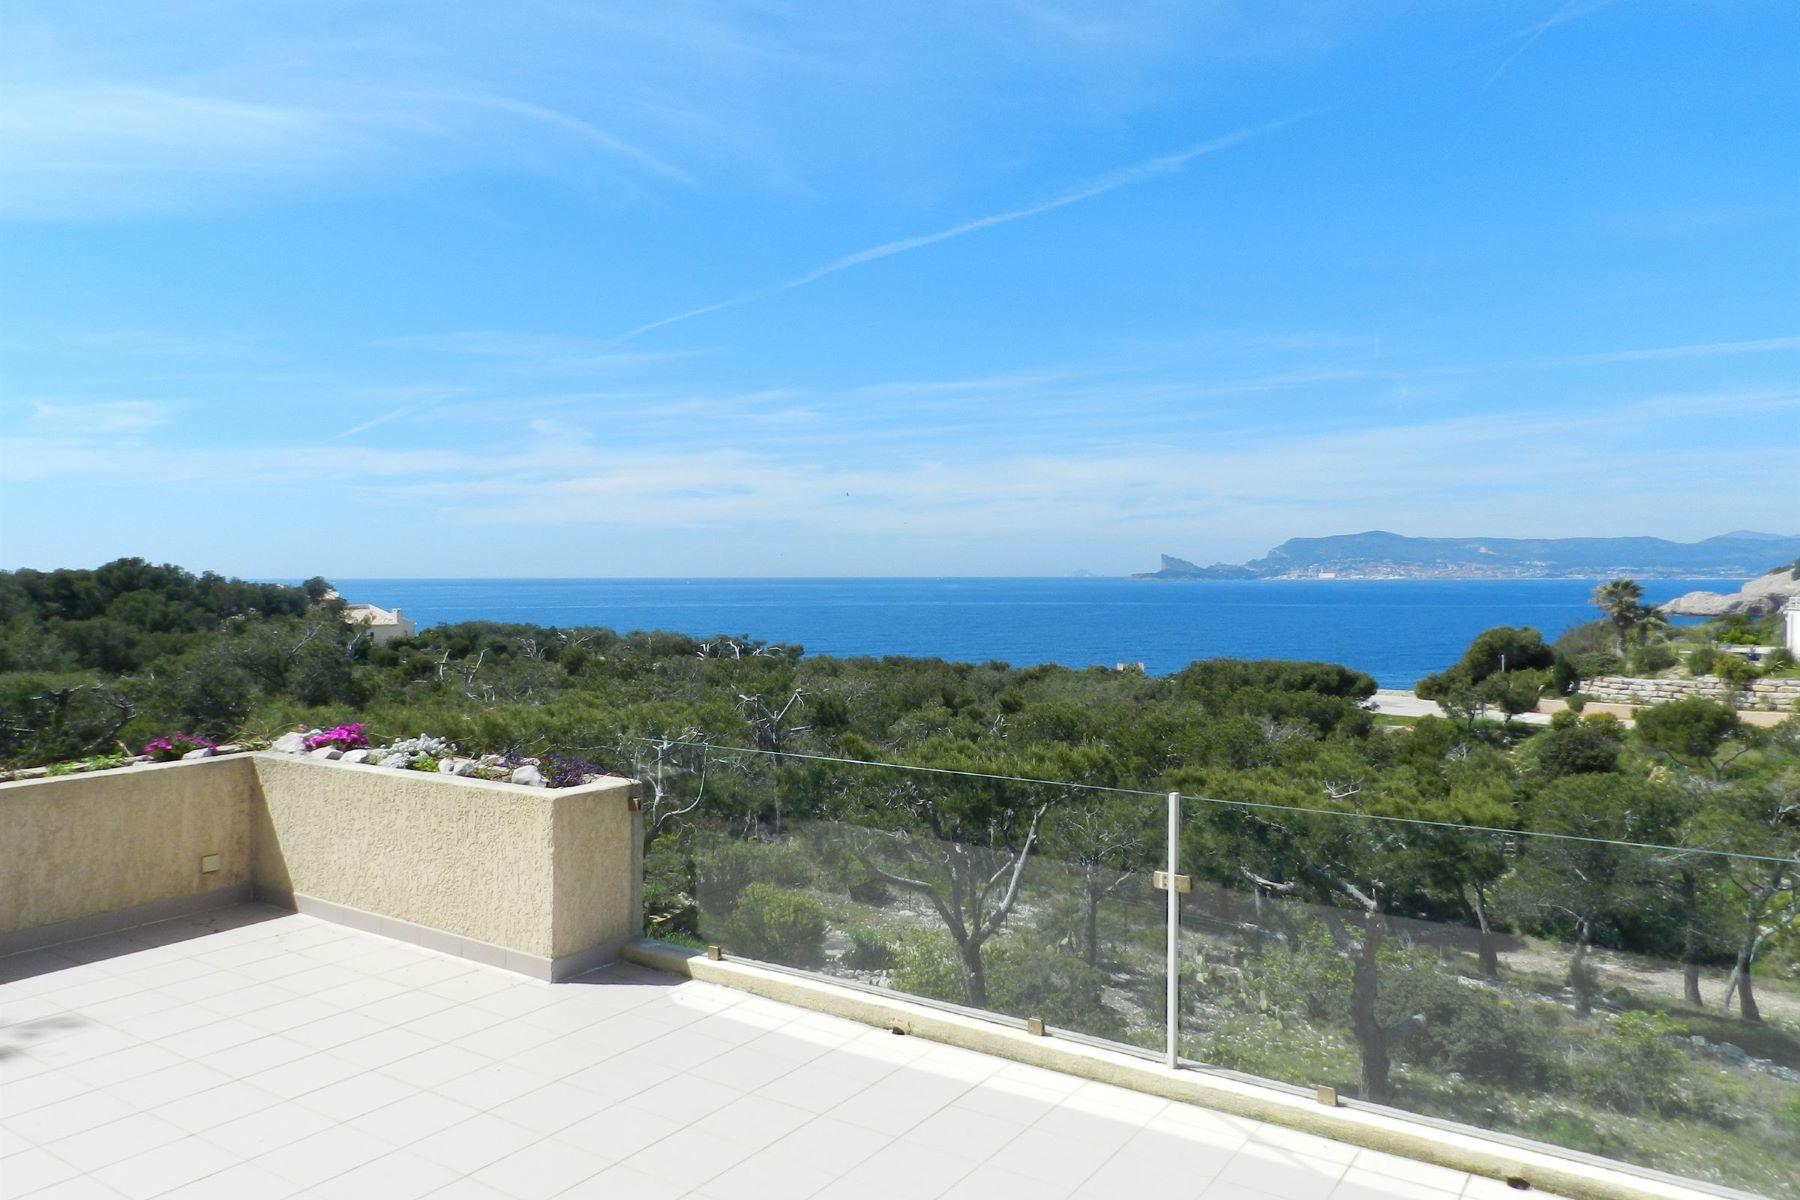 Maison unifamiliale pour l Vente à View and access to the sea. Private and guardened estate Other Provence-Alpes-Cote D'Azur, Provence-Alpes-Cote D'Azur, 83270 France